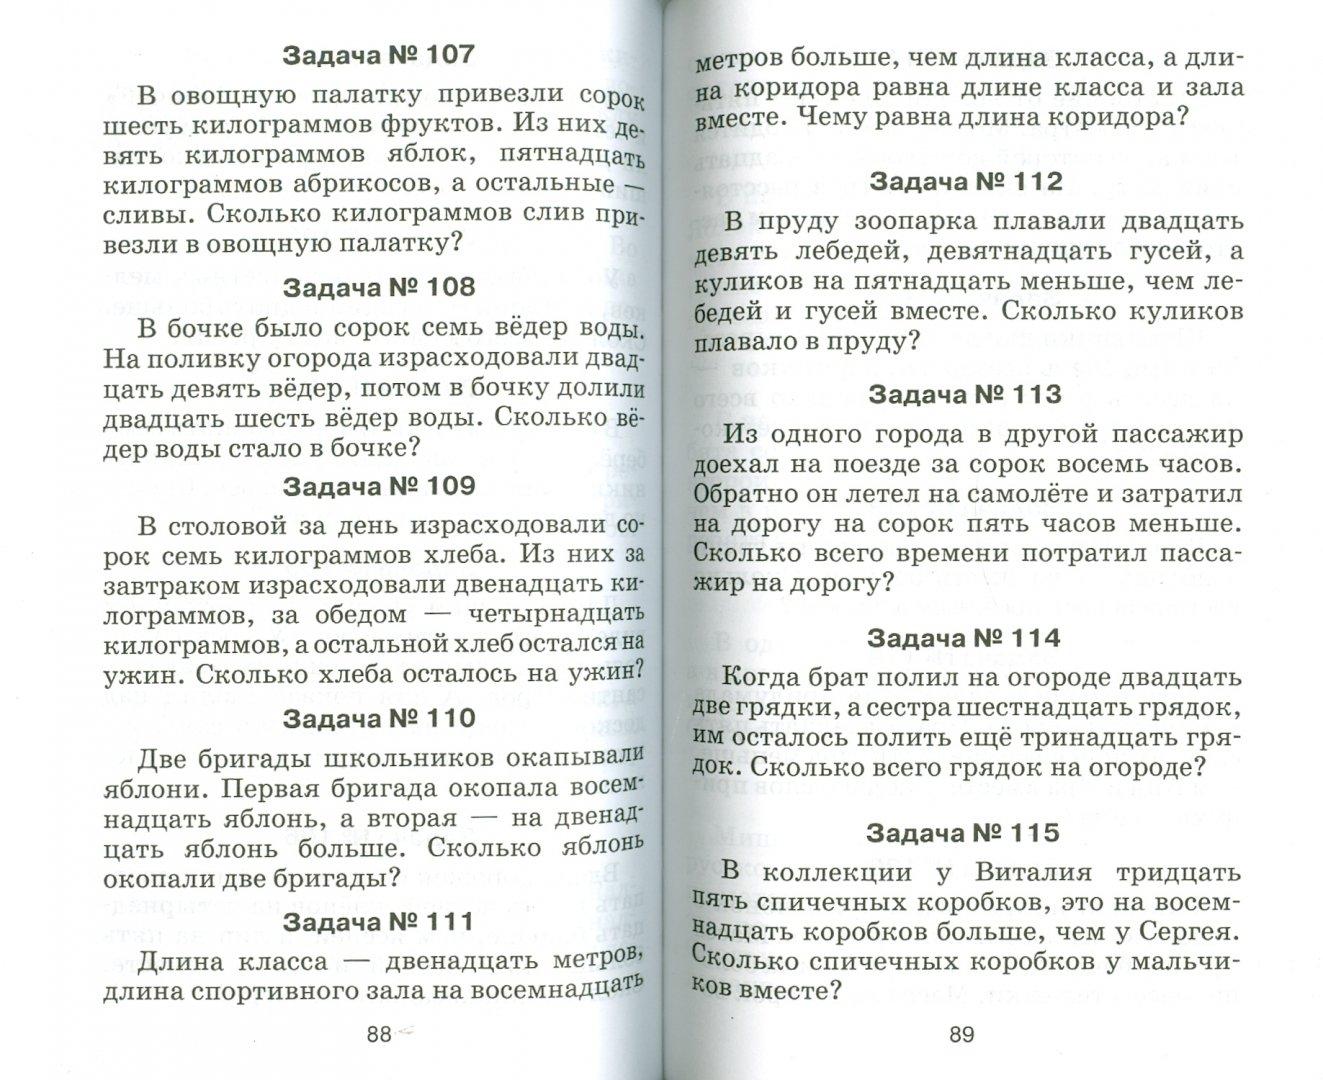 Иллюстрация 1 из 3 для Задачи по математике. 2 класс - Игорь Родин | Лабиринт - книги. Источник: Лабиринт